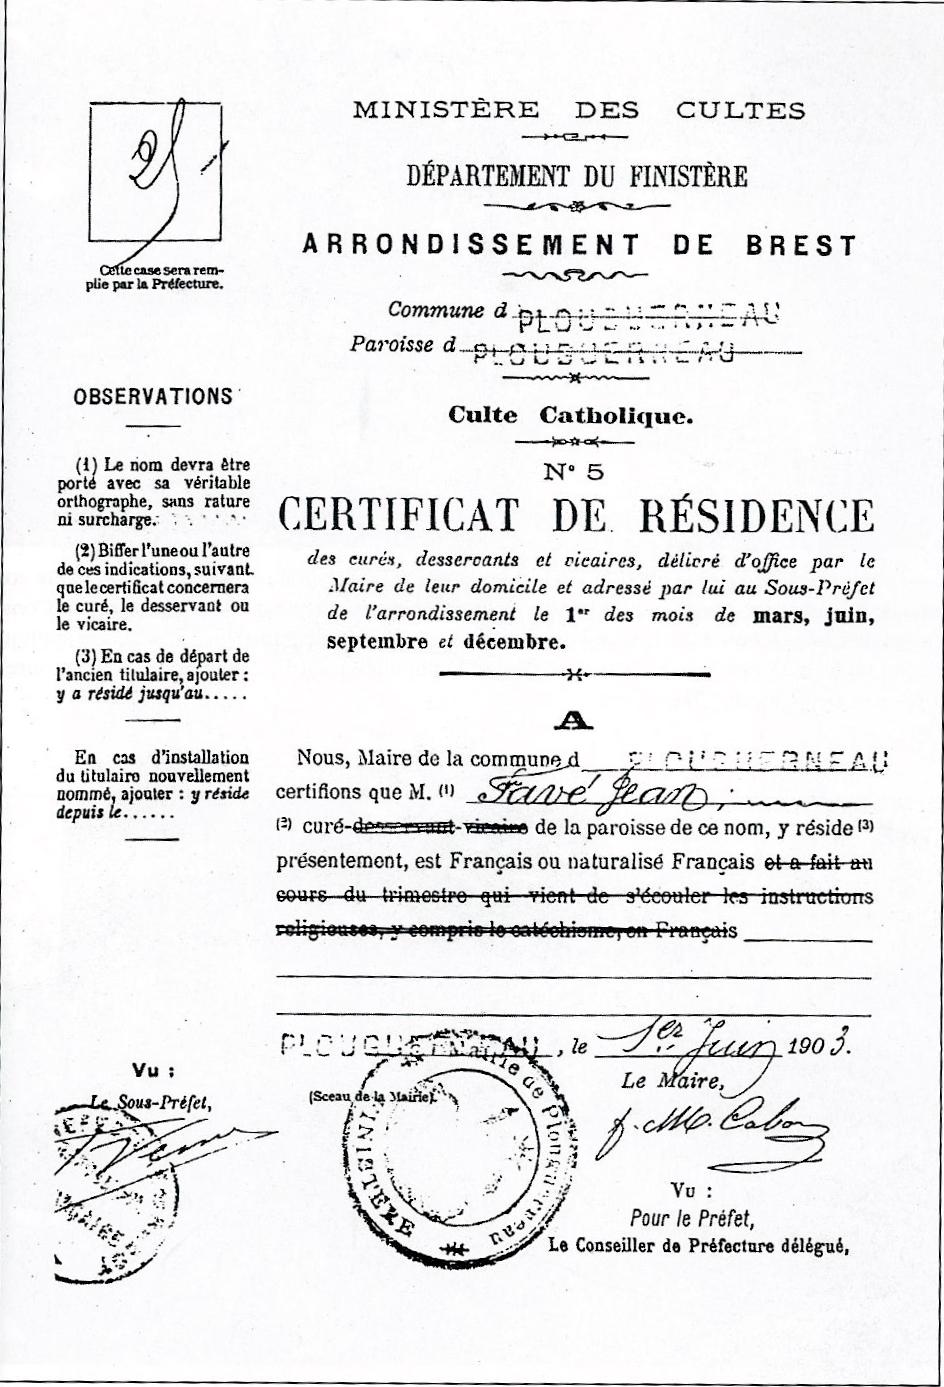 Fichier:Certificat de résidence Plouguerneau 9.jpg — Wikipédia